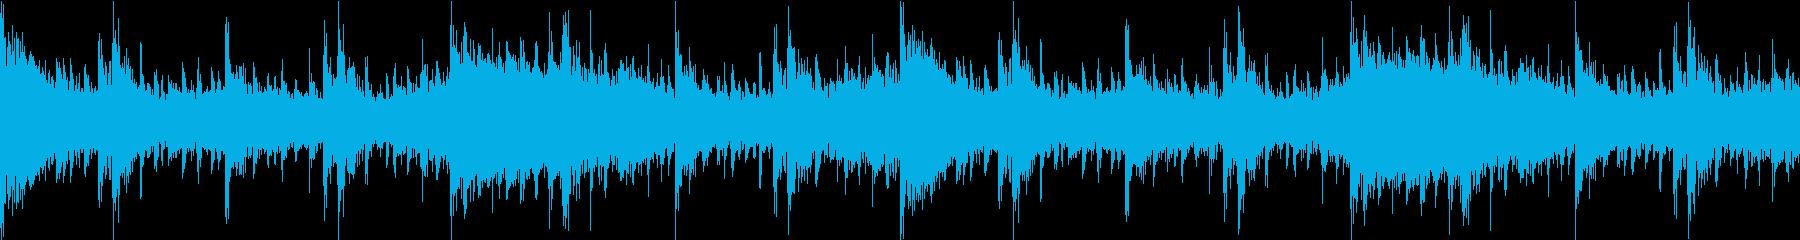 エスニックで不気味な感じのBGMの再生済みの波形